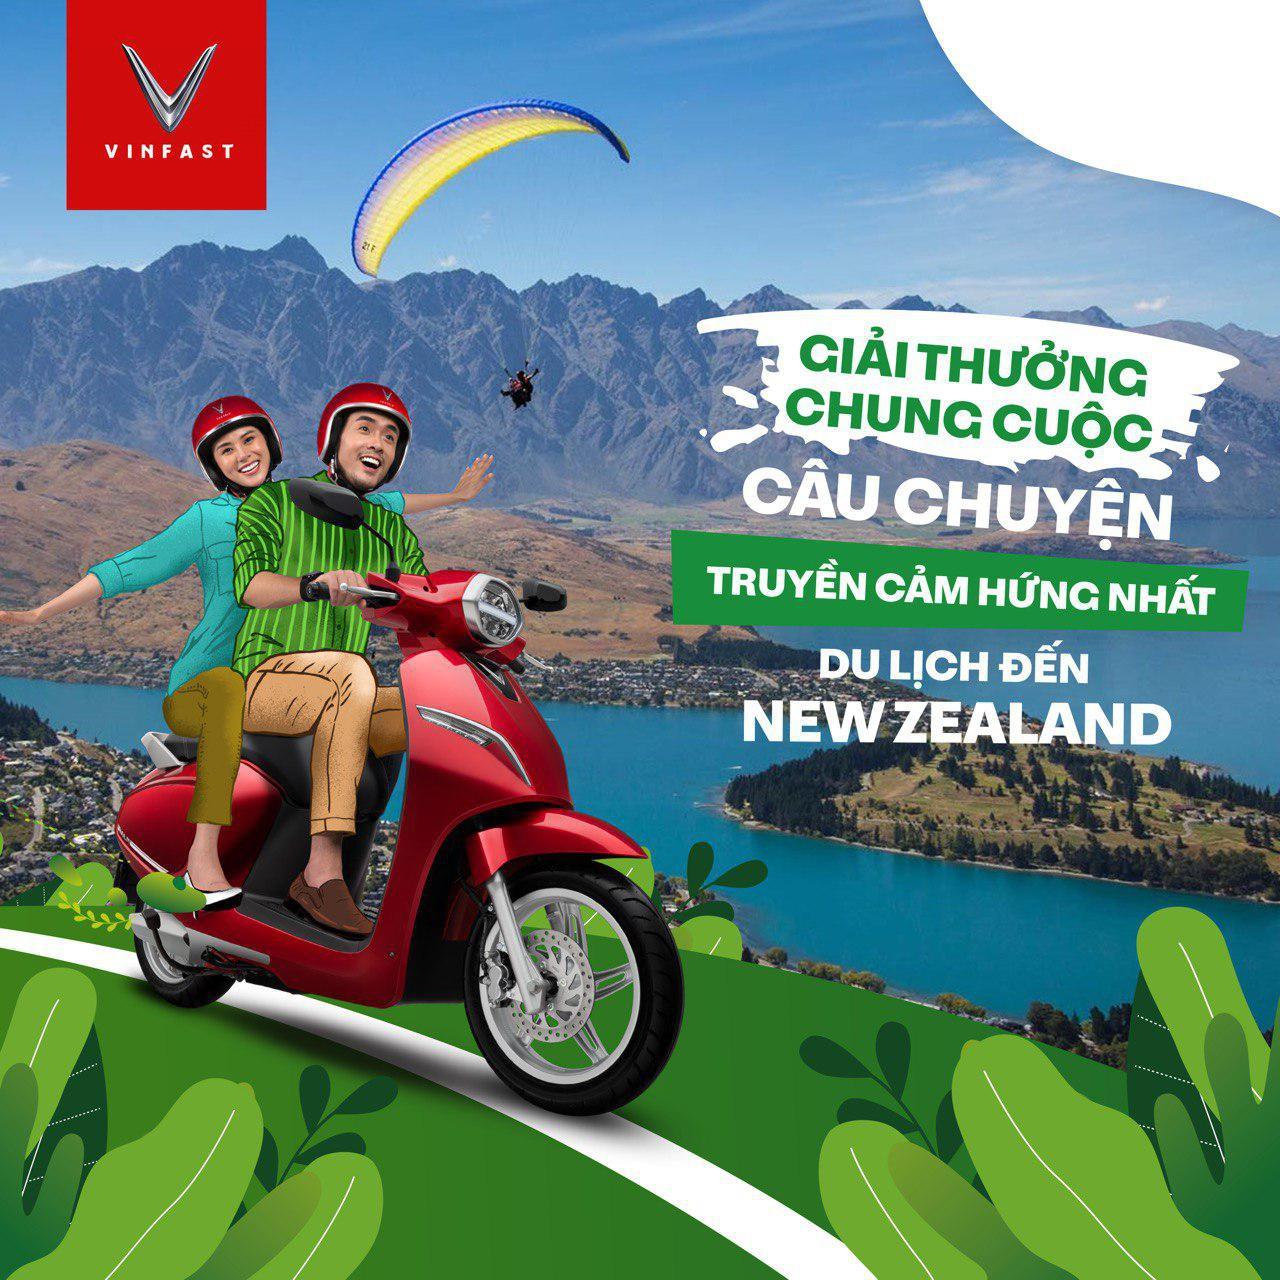 Sống xanh, lái xe máy điện VinFast tham gia Hành Trình Xanh nhận giải thưởng lớn - Ảnh 5.